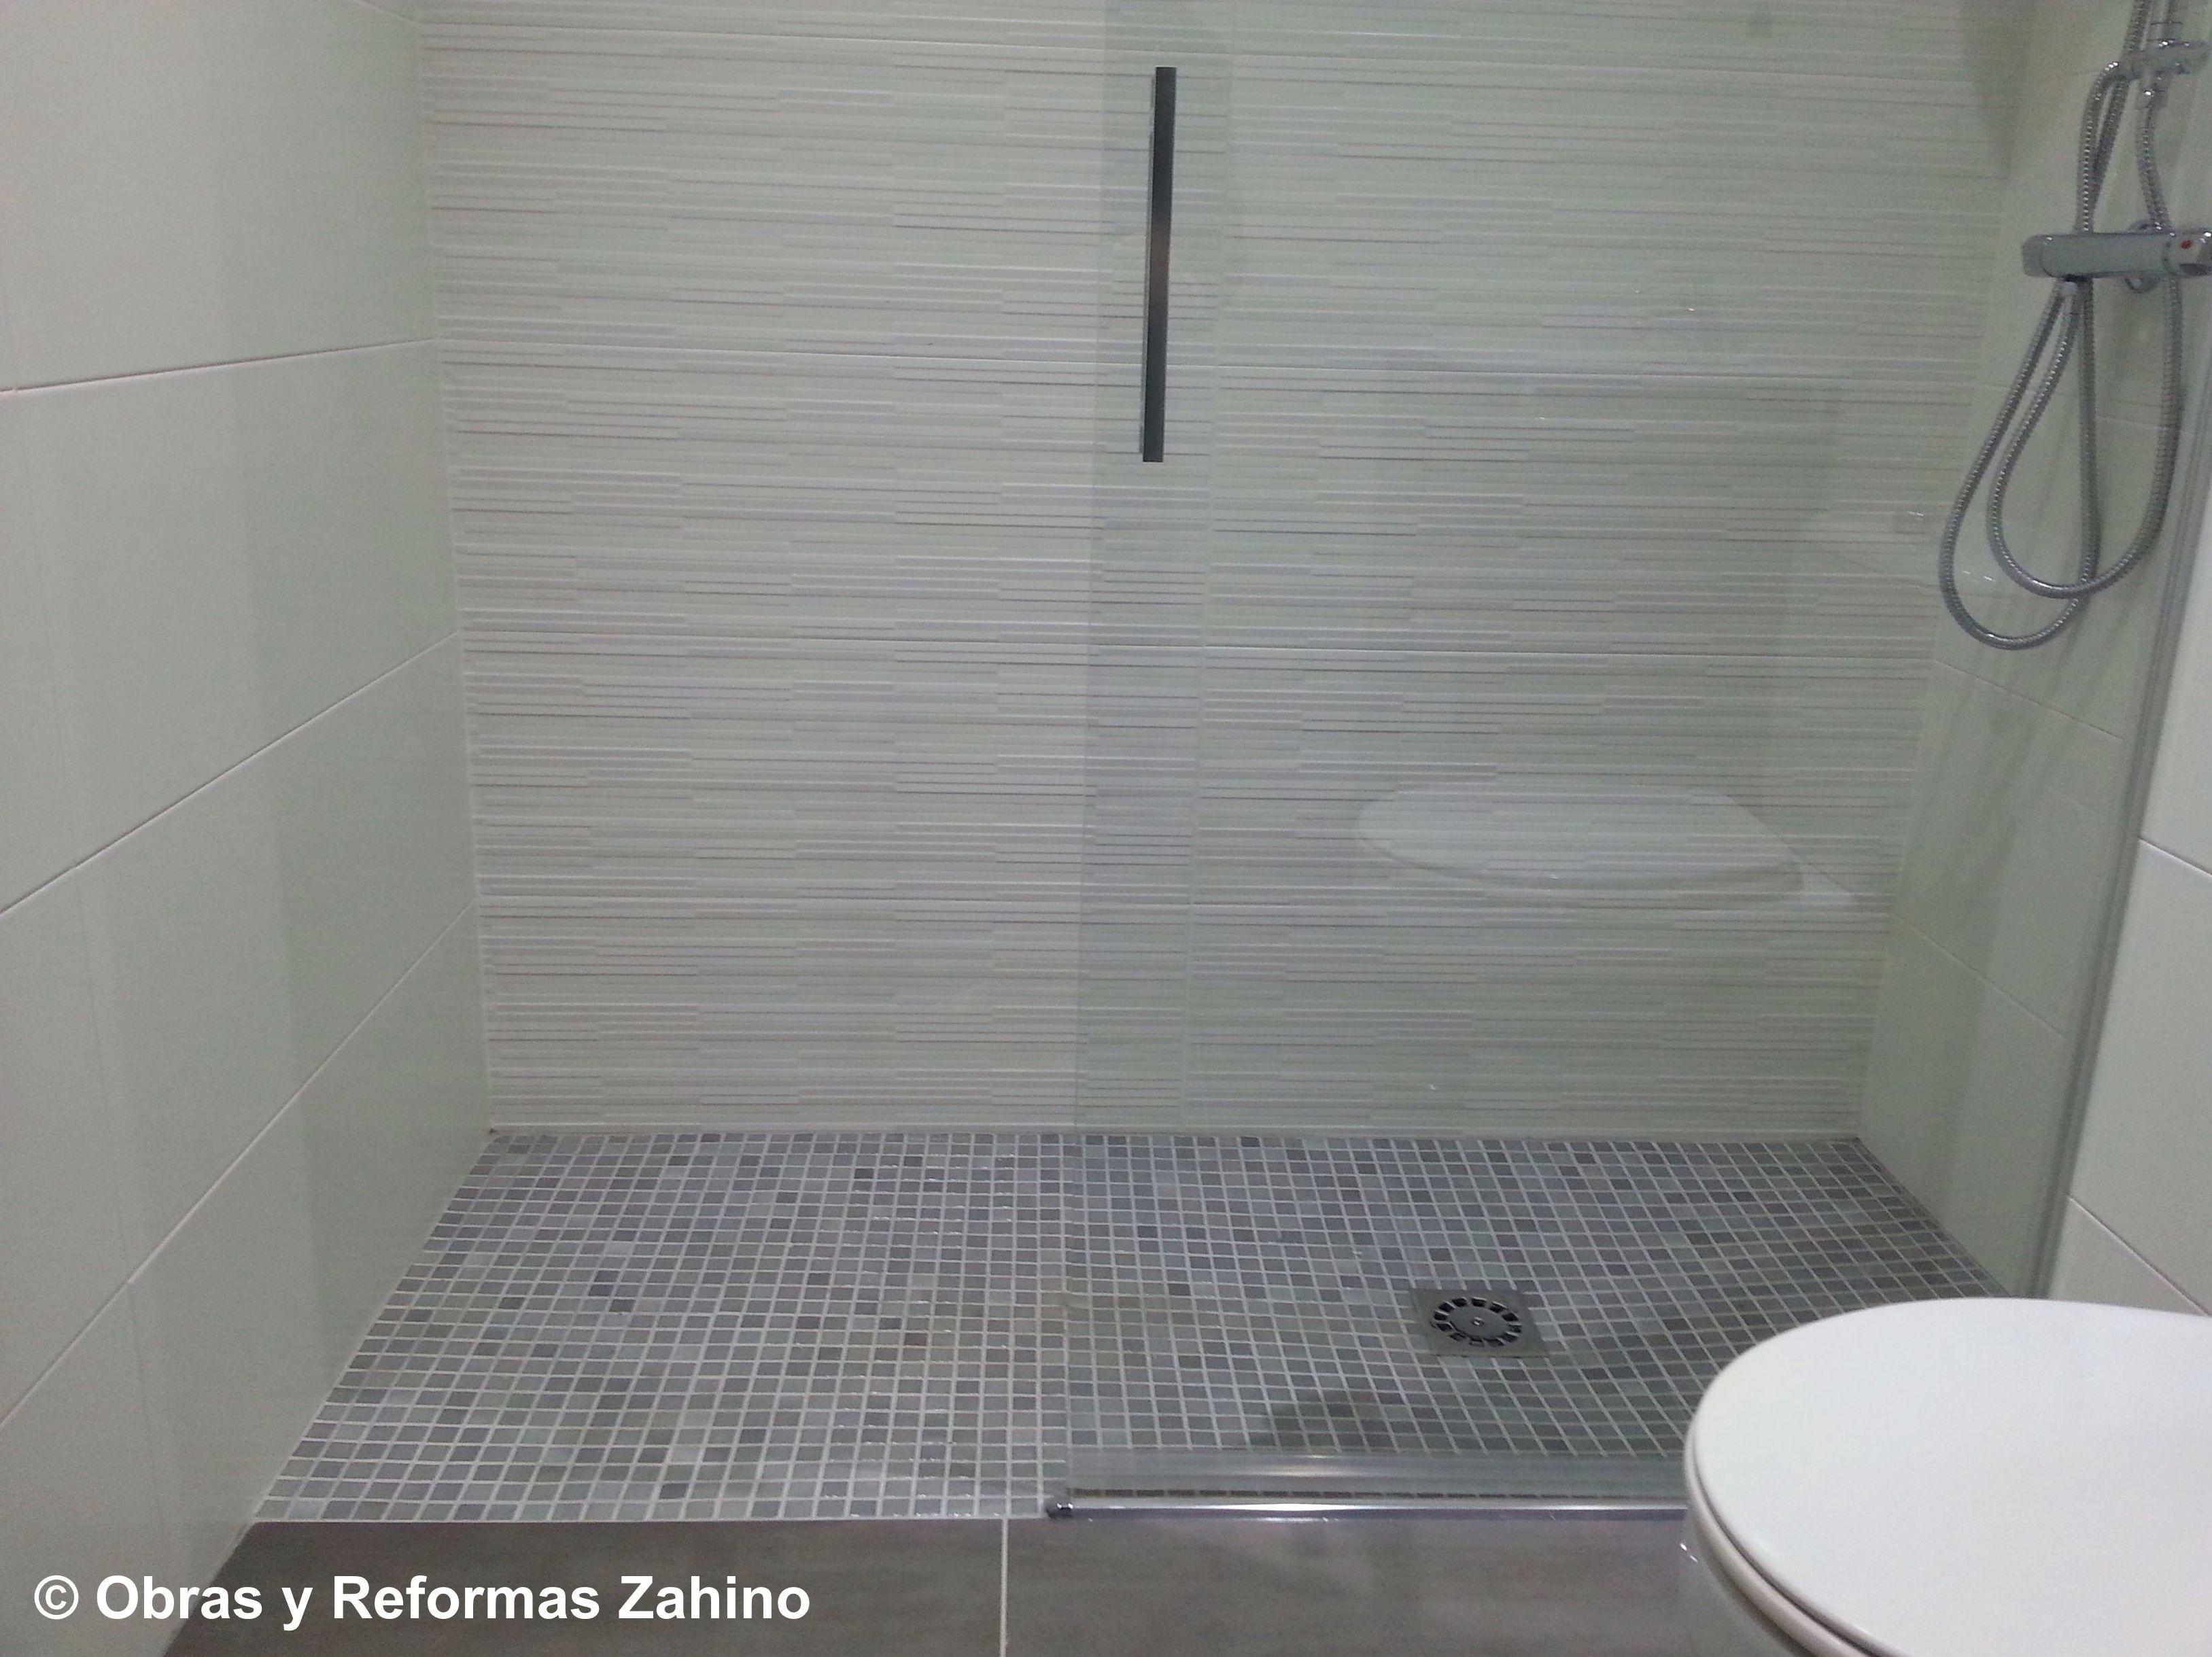 Baños Duchas Gresite:Cambie su bañera actual por un plato de ducha de obra en gresite